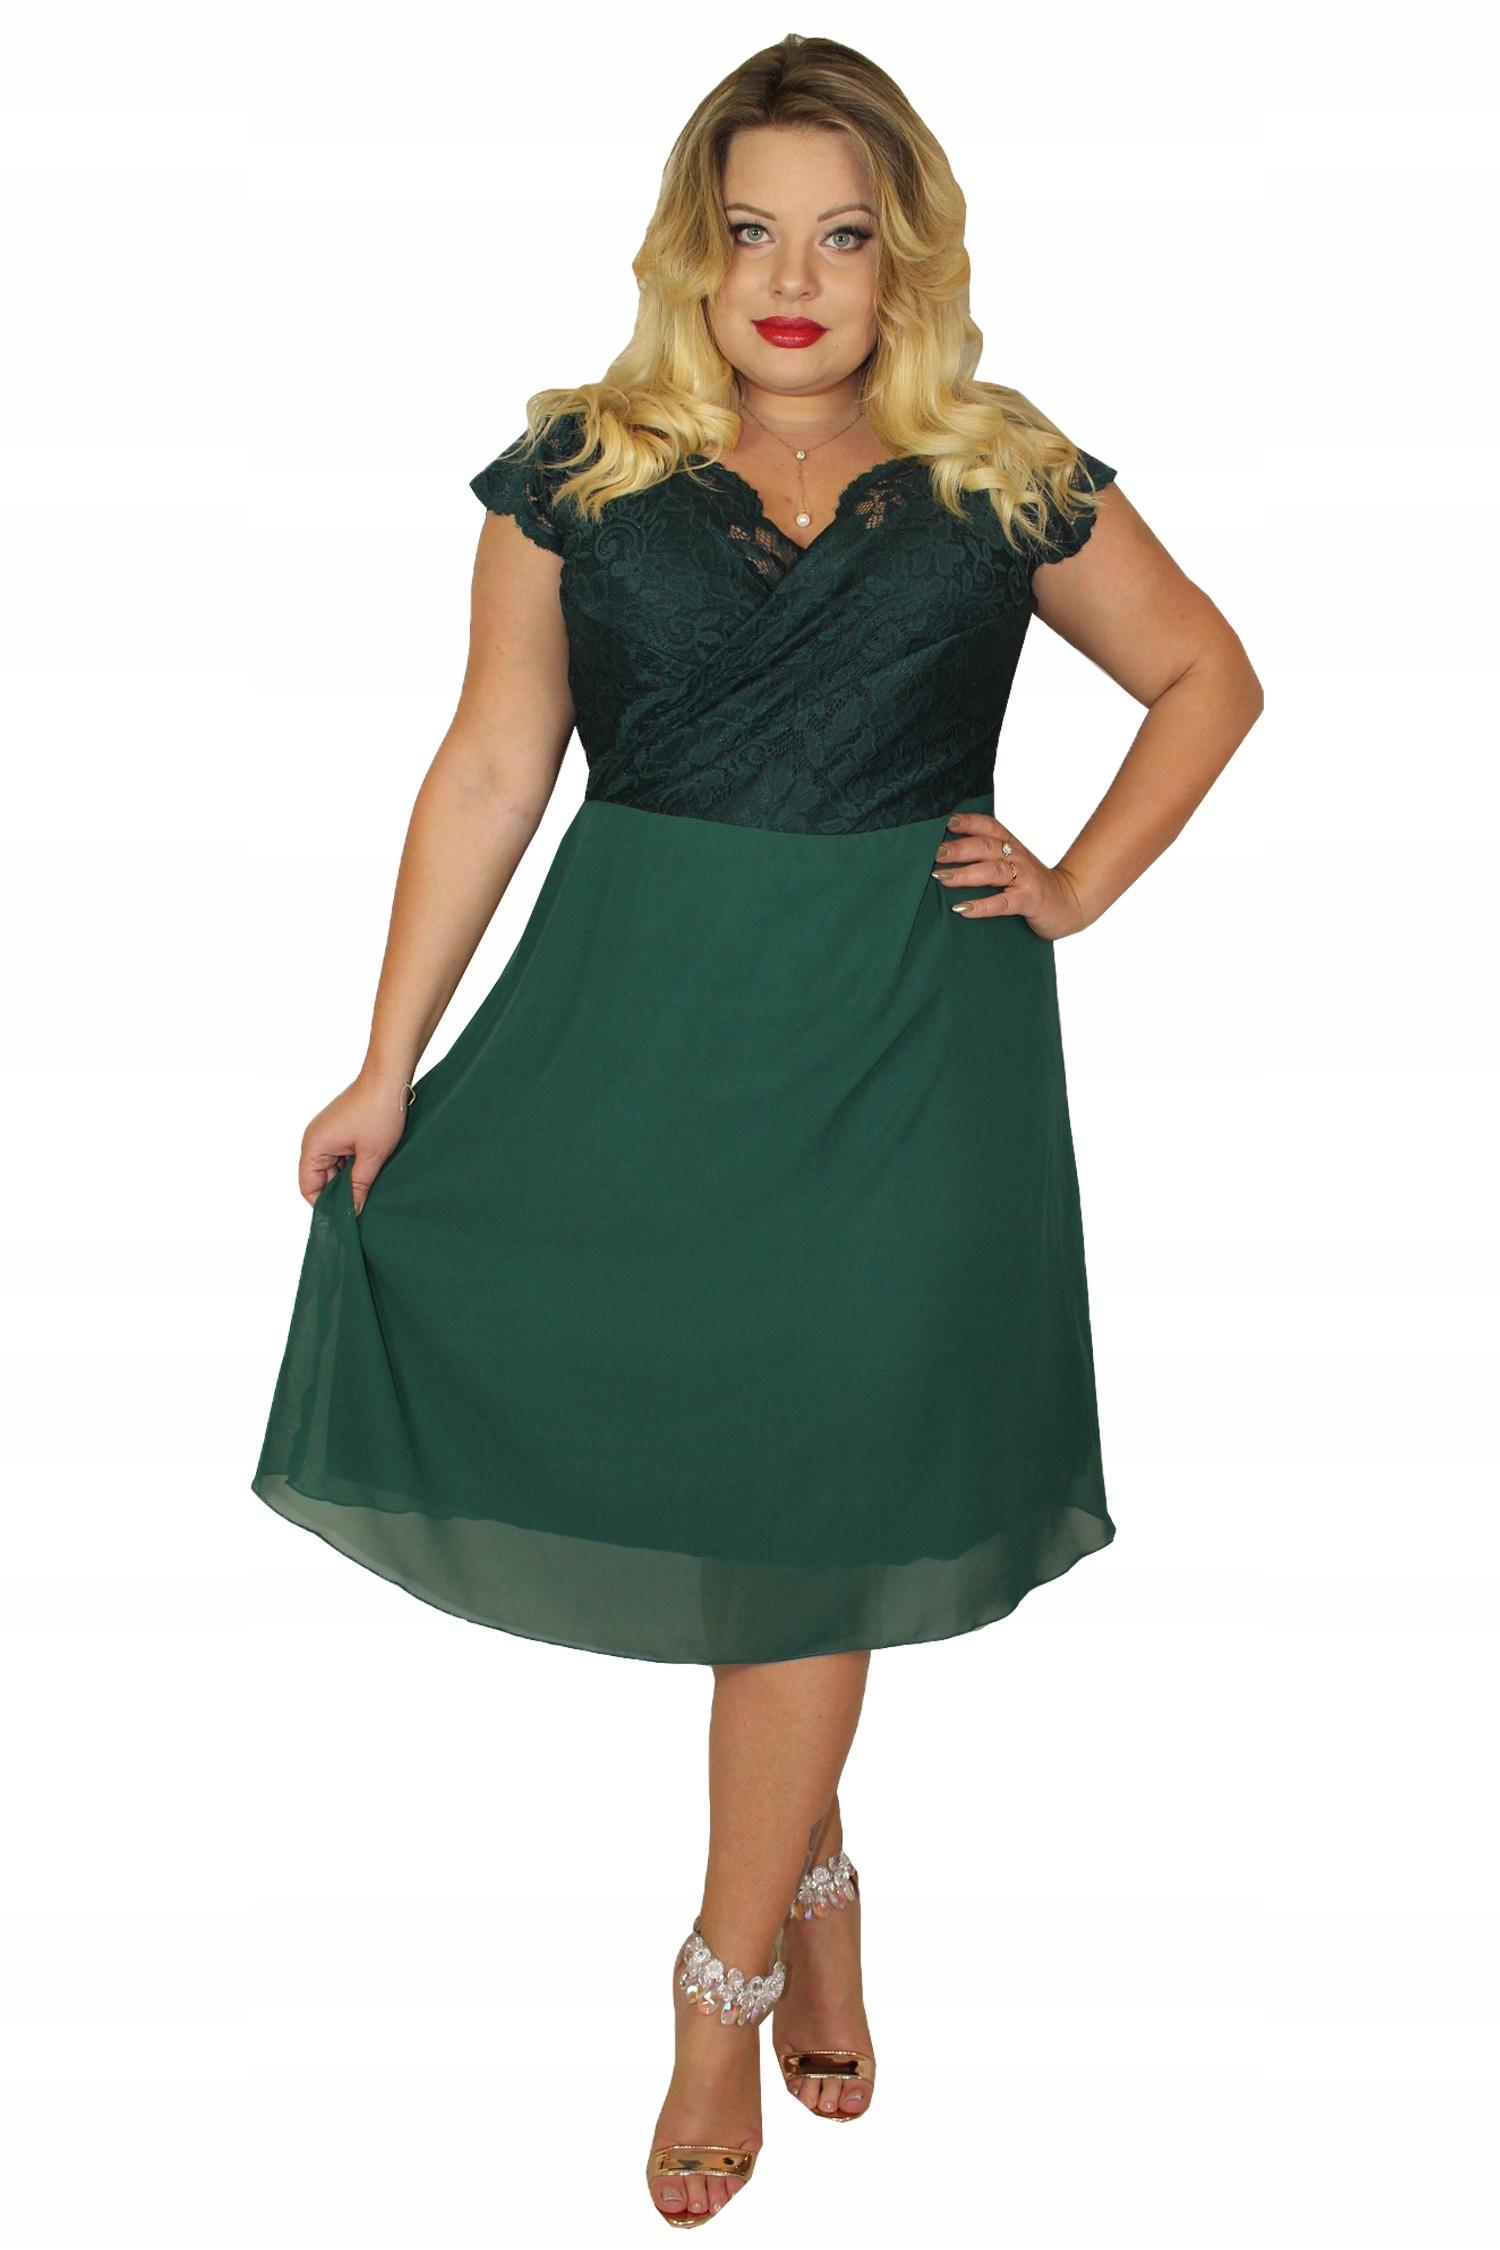 66ef2e24a496b3 Sukienka STELLA koronkowo-szyfonowa but. zieleń 46 - 7606313750 ...